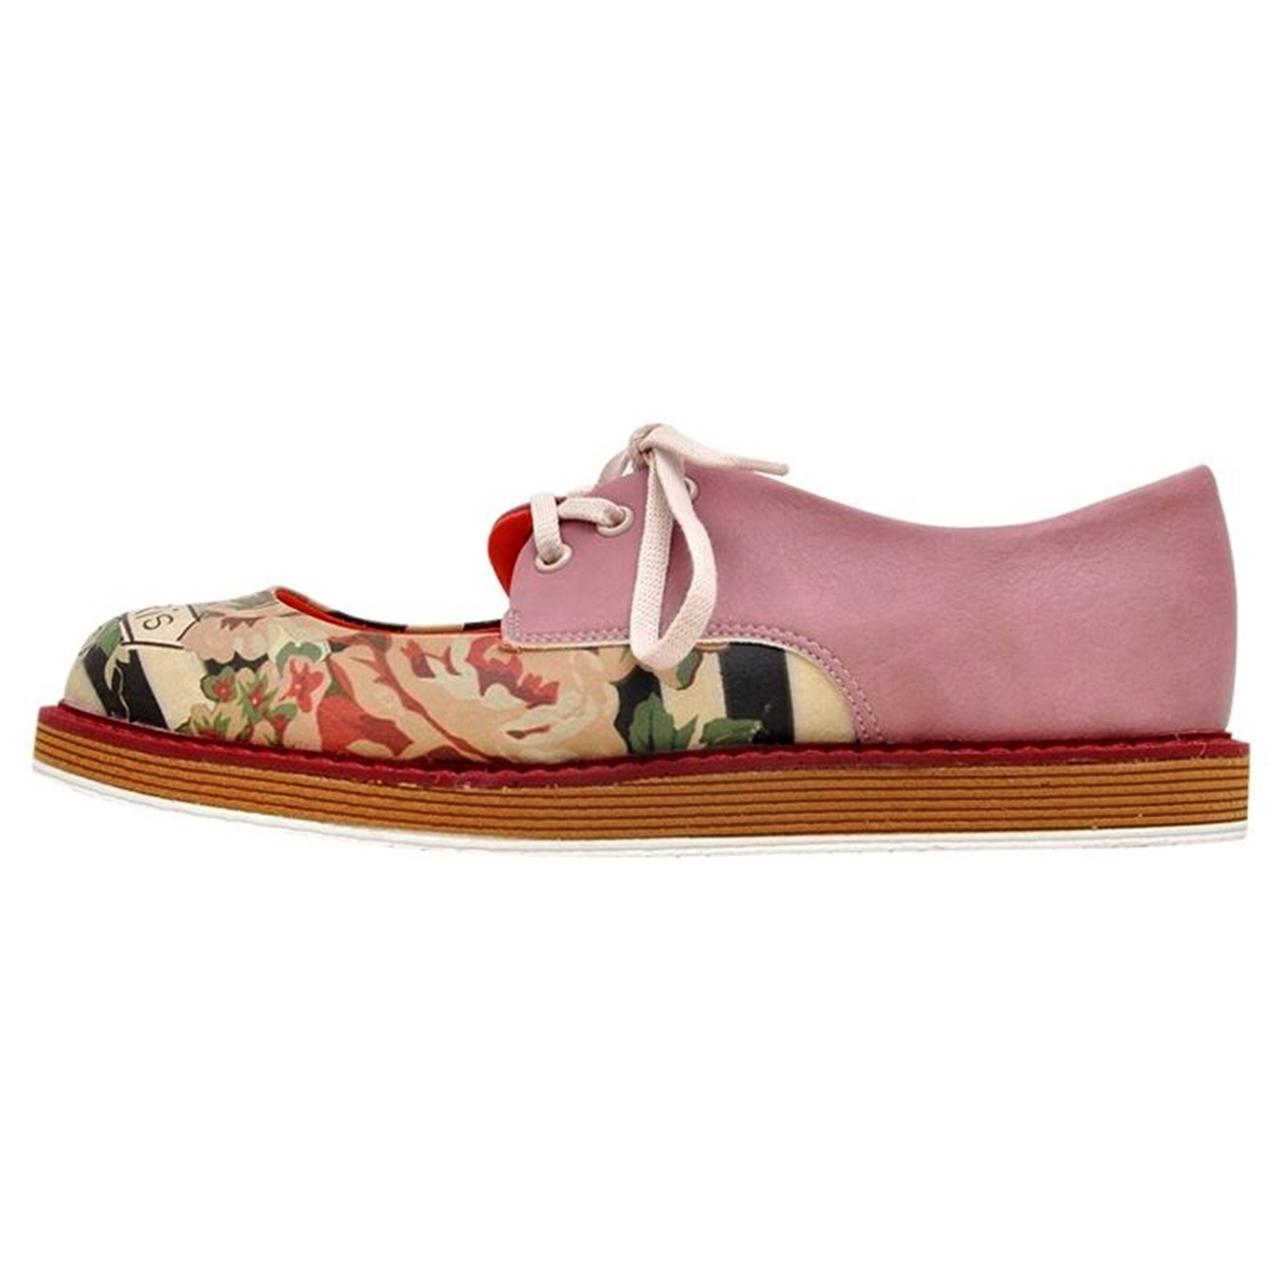 کفش  روزمره زنانه دوگو کد dgpnc015-311